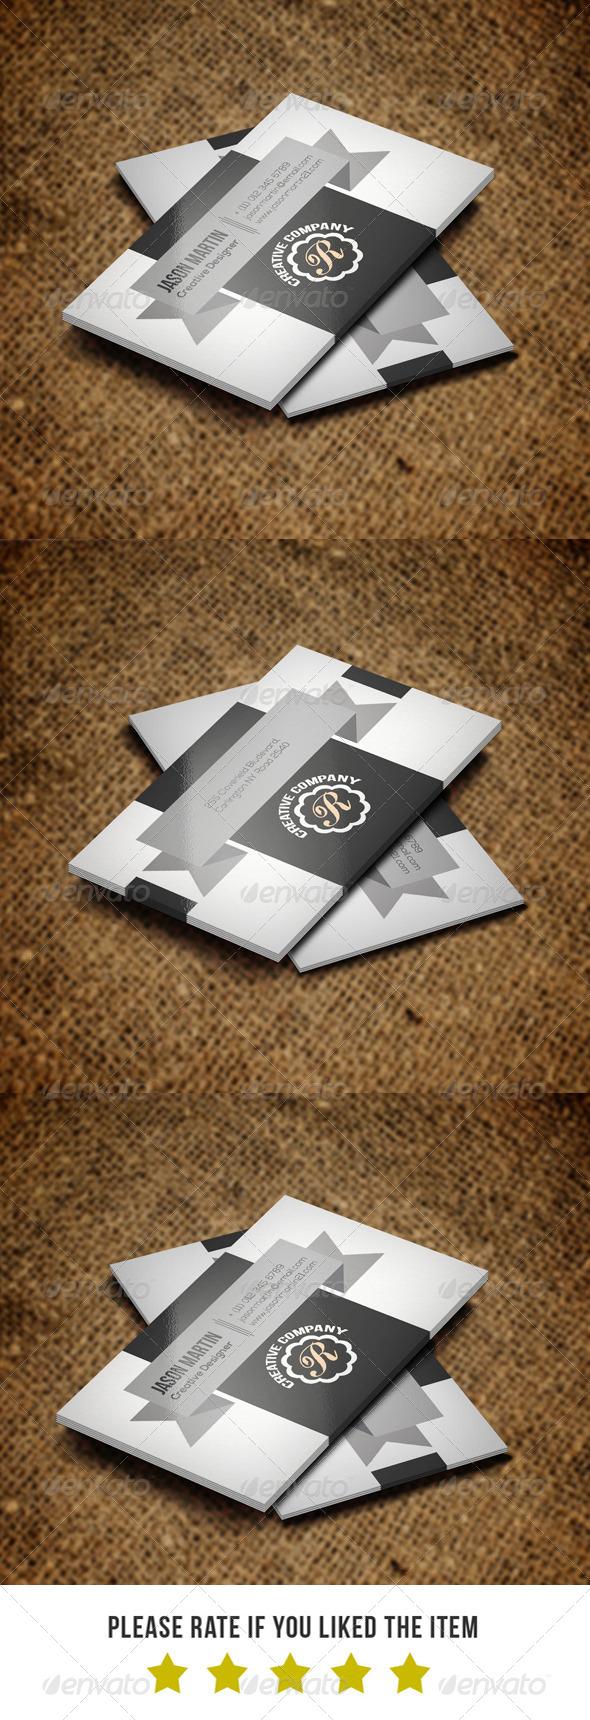 GraphicRiver Creative Retro Business Card BNA 005 7155513